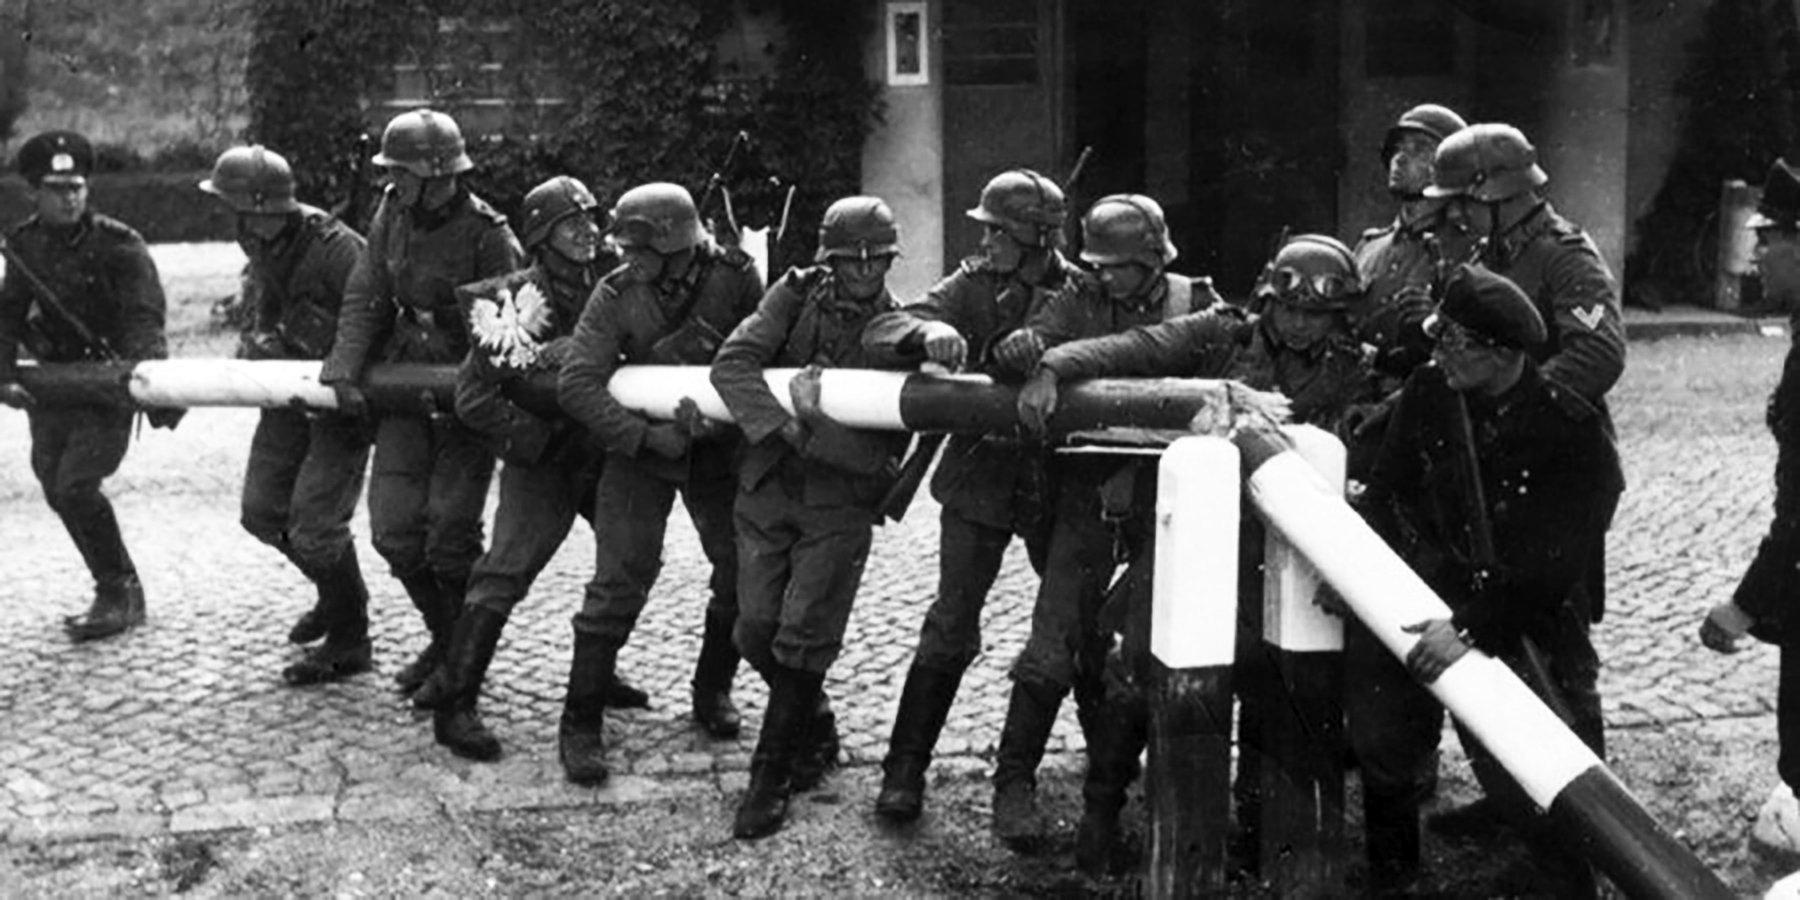 Немецкие солдаты ломают шлагбаум на границе с Польшей, 1 сентября 1939 года